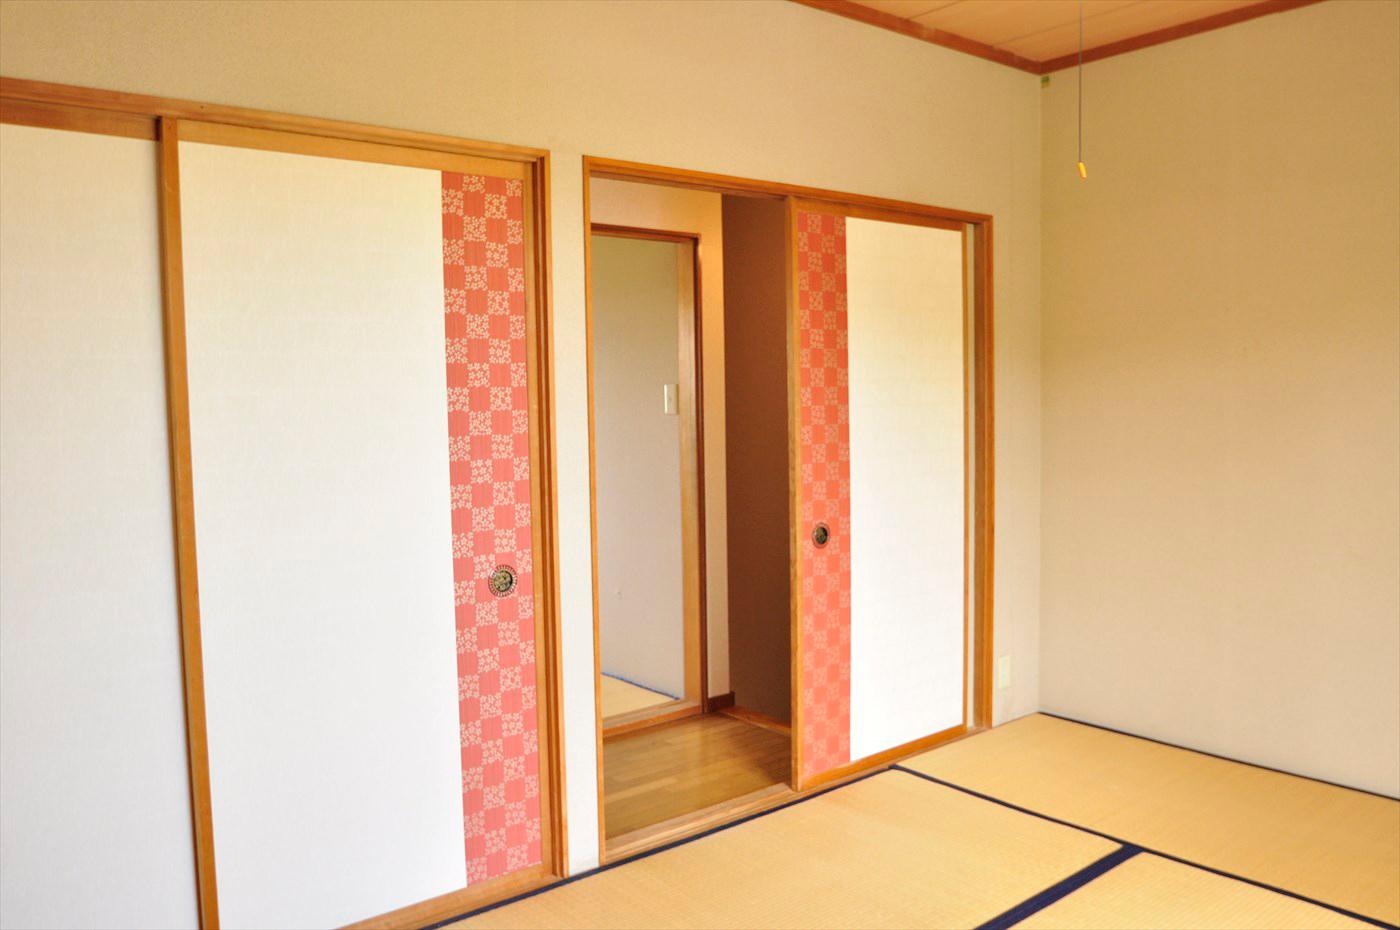 修善寺フォーレスト 4名 メゾネット 寝室 和室